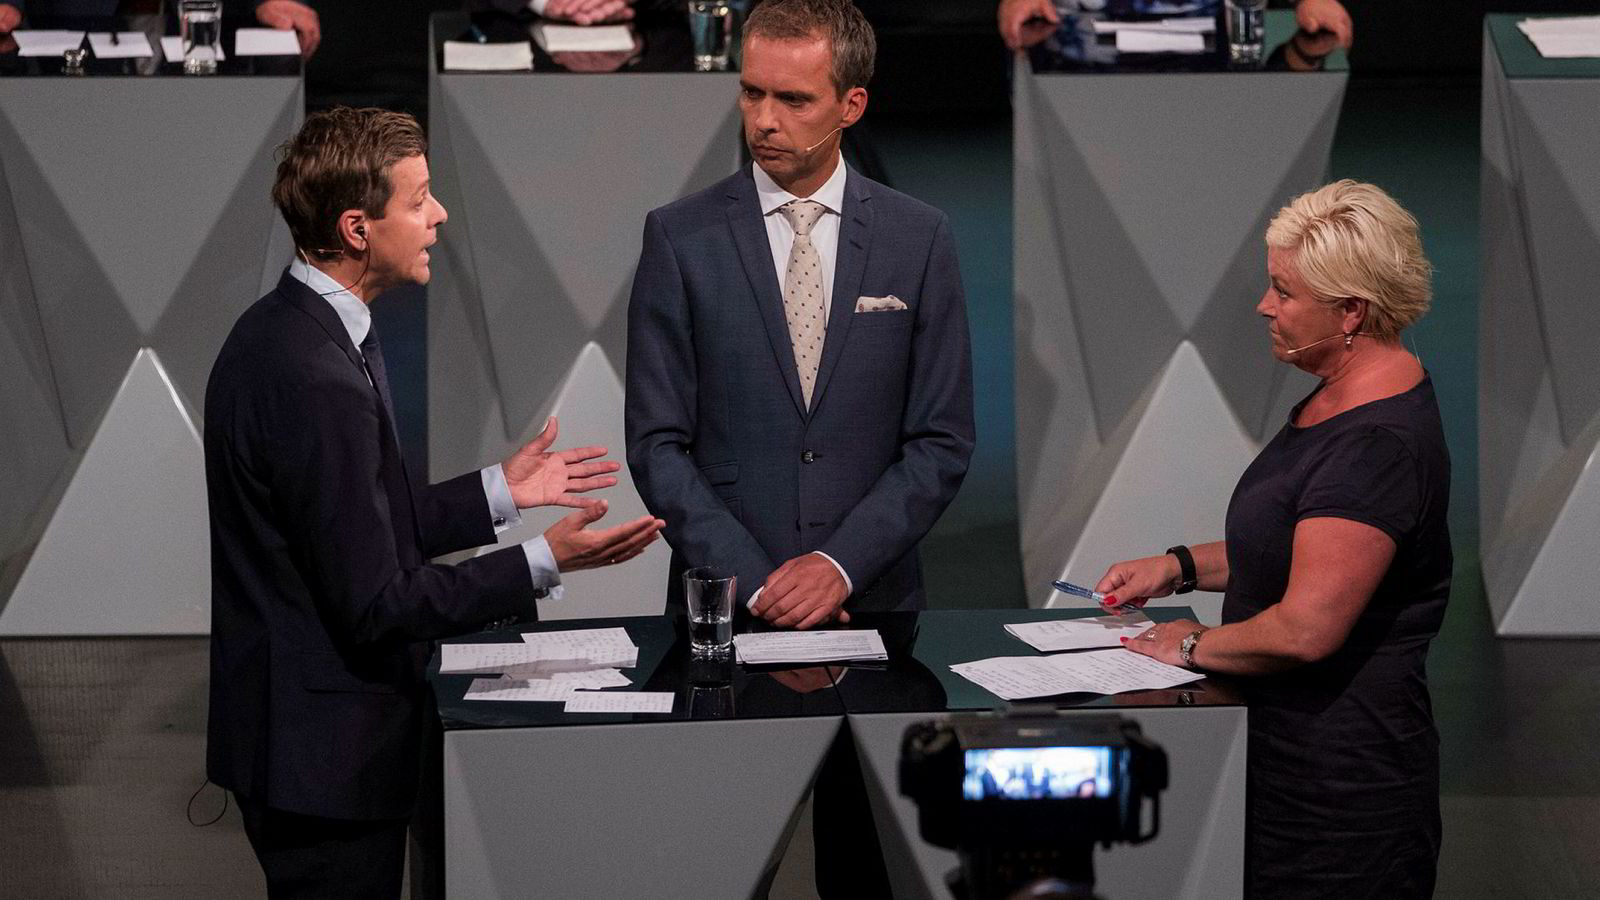 Fremskrittspartiet-leder Siv Jensen og Knut Arild Hareide Kristelig Folkeparti havnet i verbalt basketak om norske verdier.